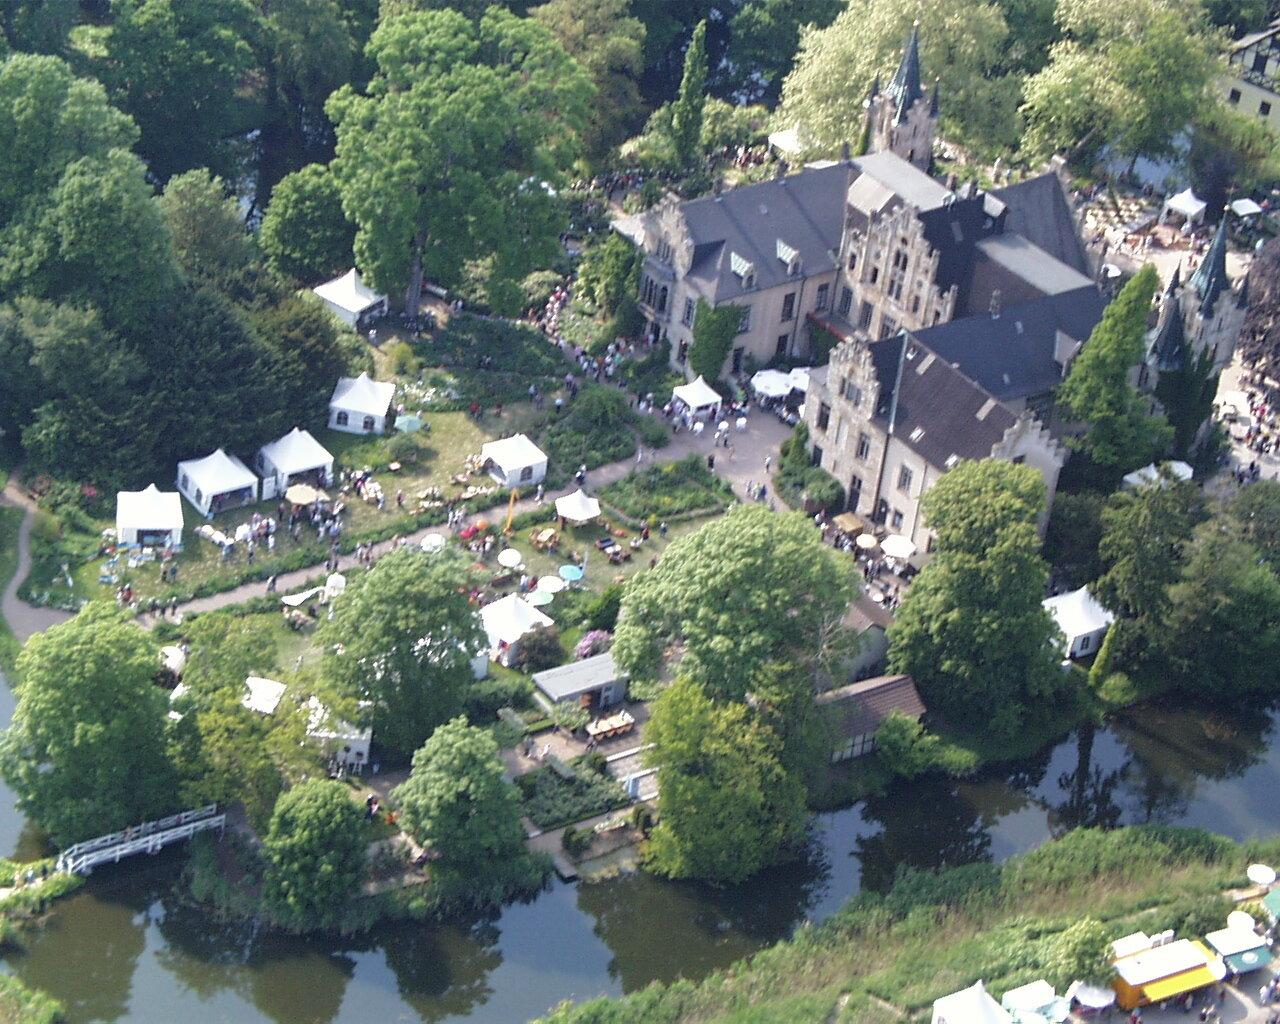 Ippenburg Festival 2004